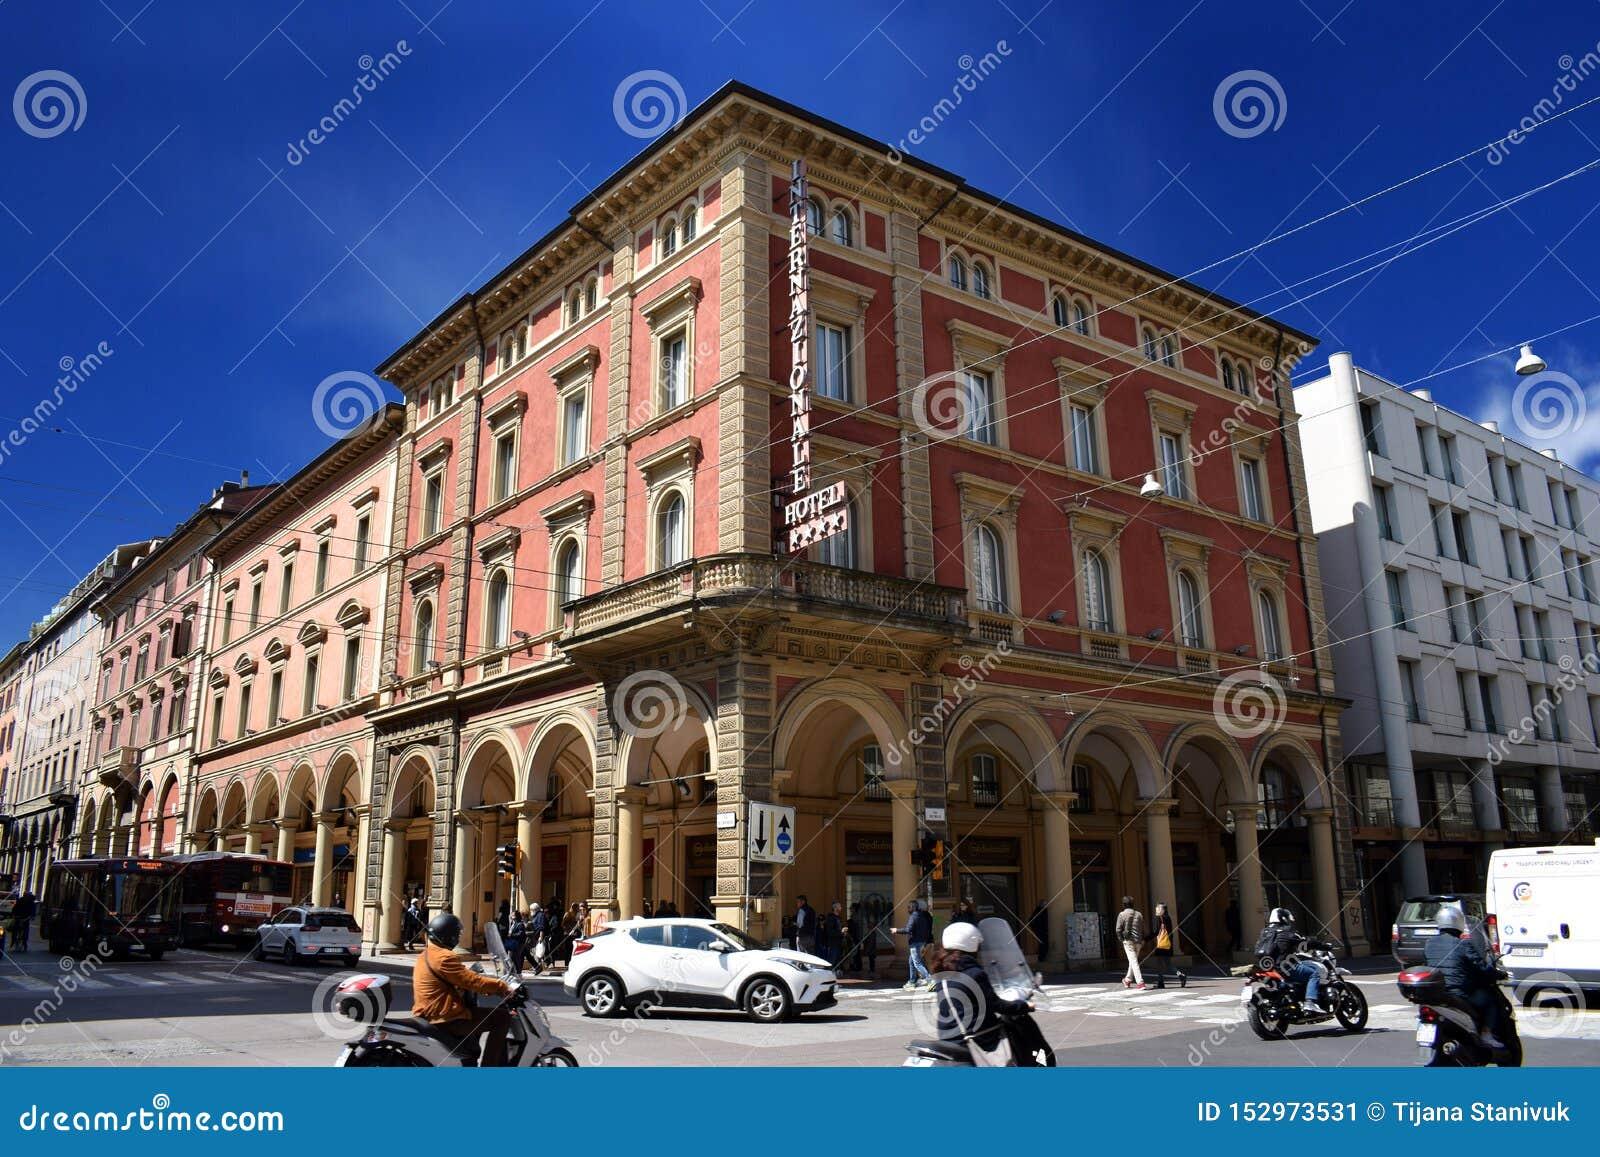 Hotel Internazionale, Bologna, Italy